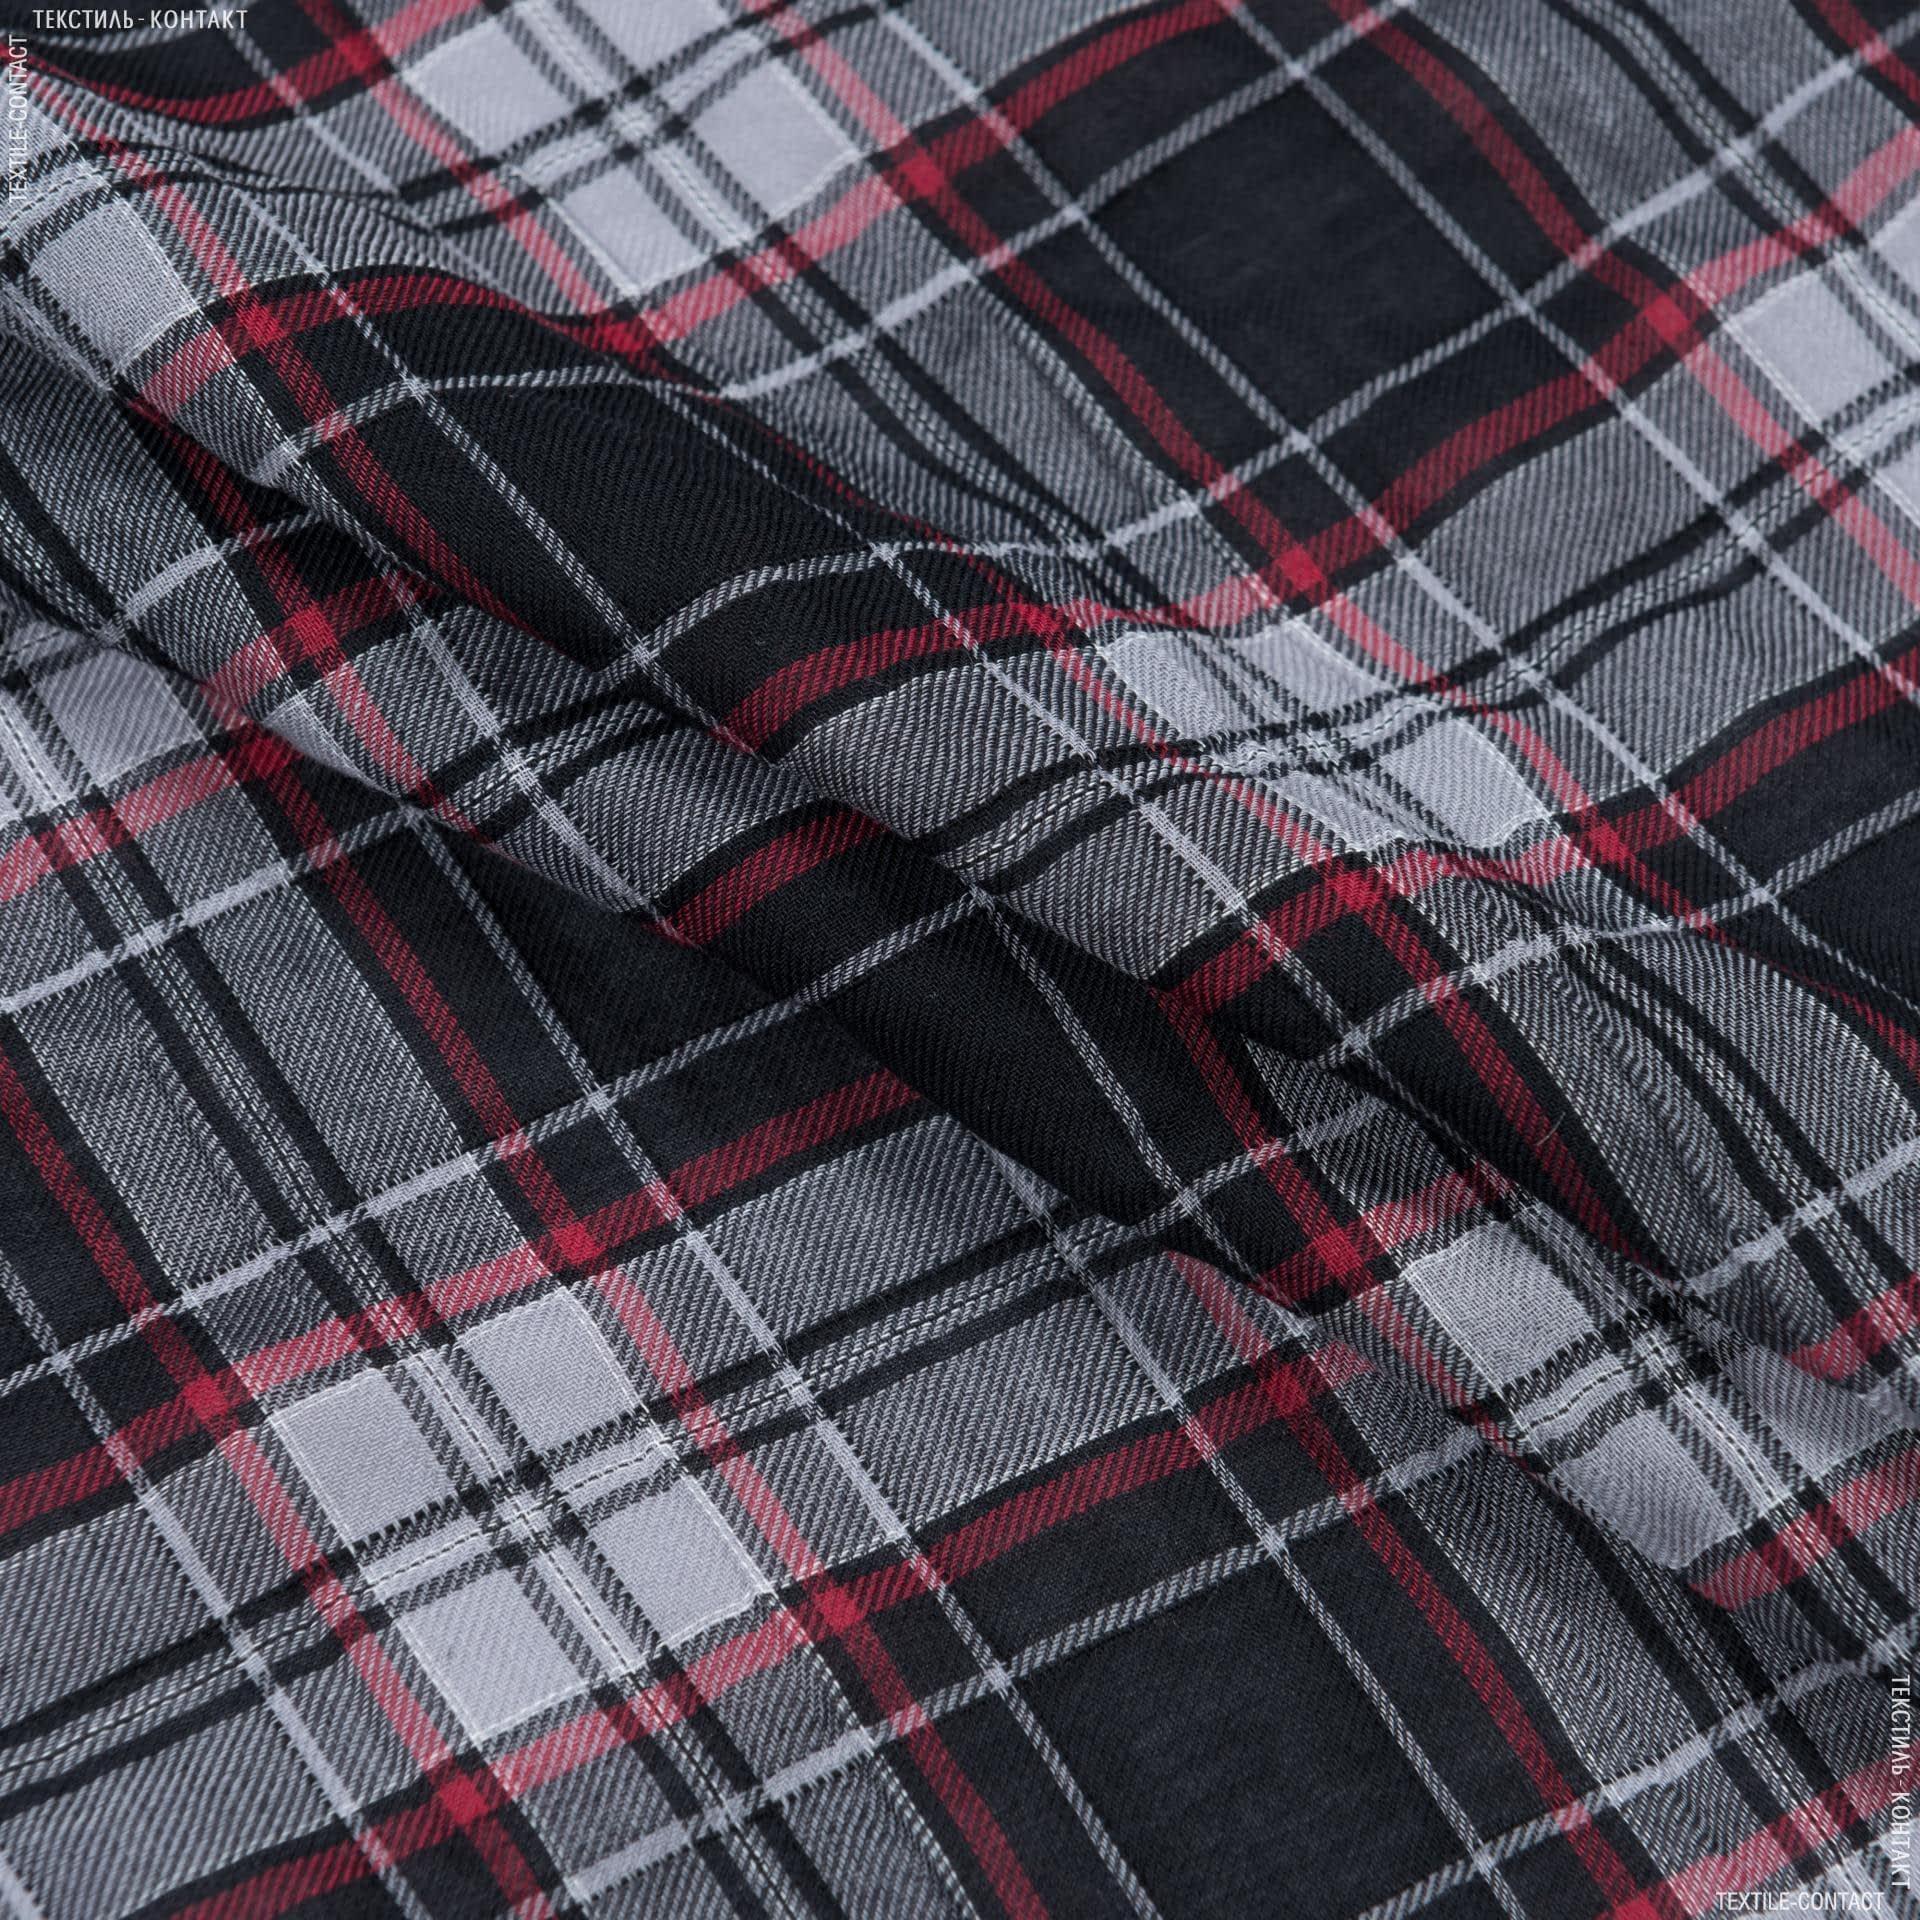 Ткани для платков и бандан - Плательно-блузочная принт